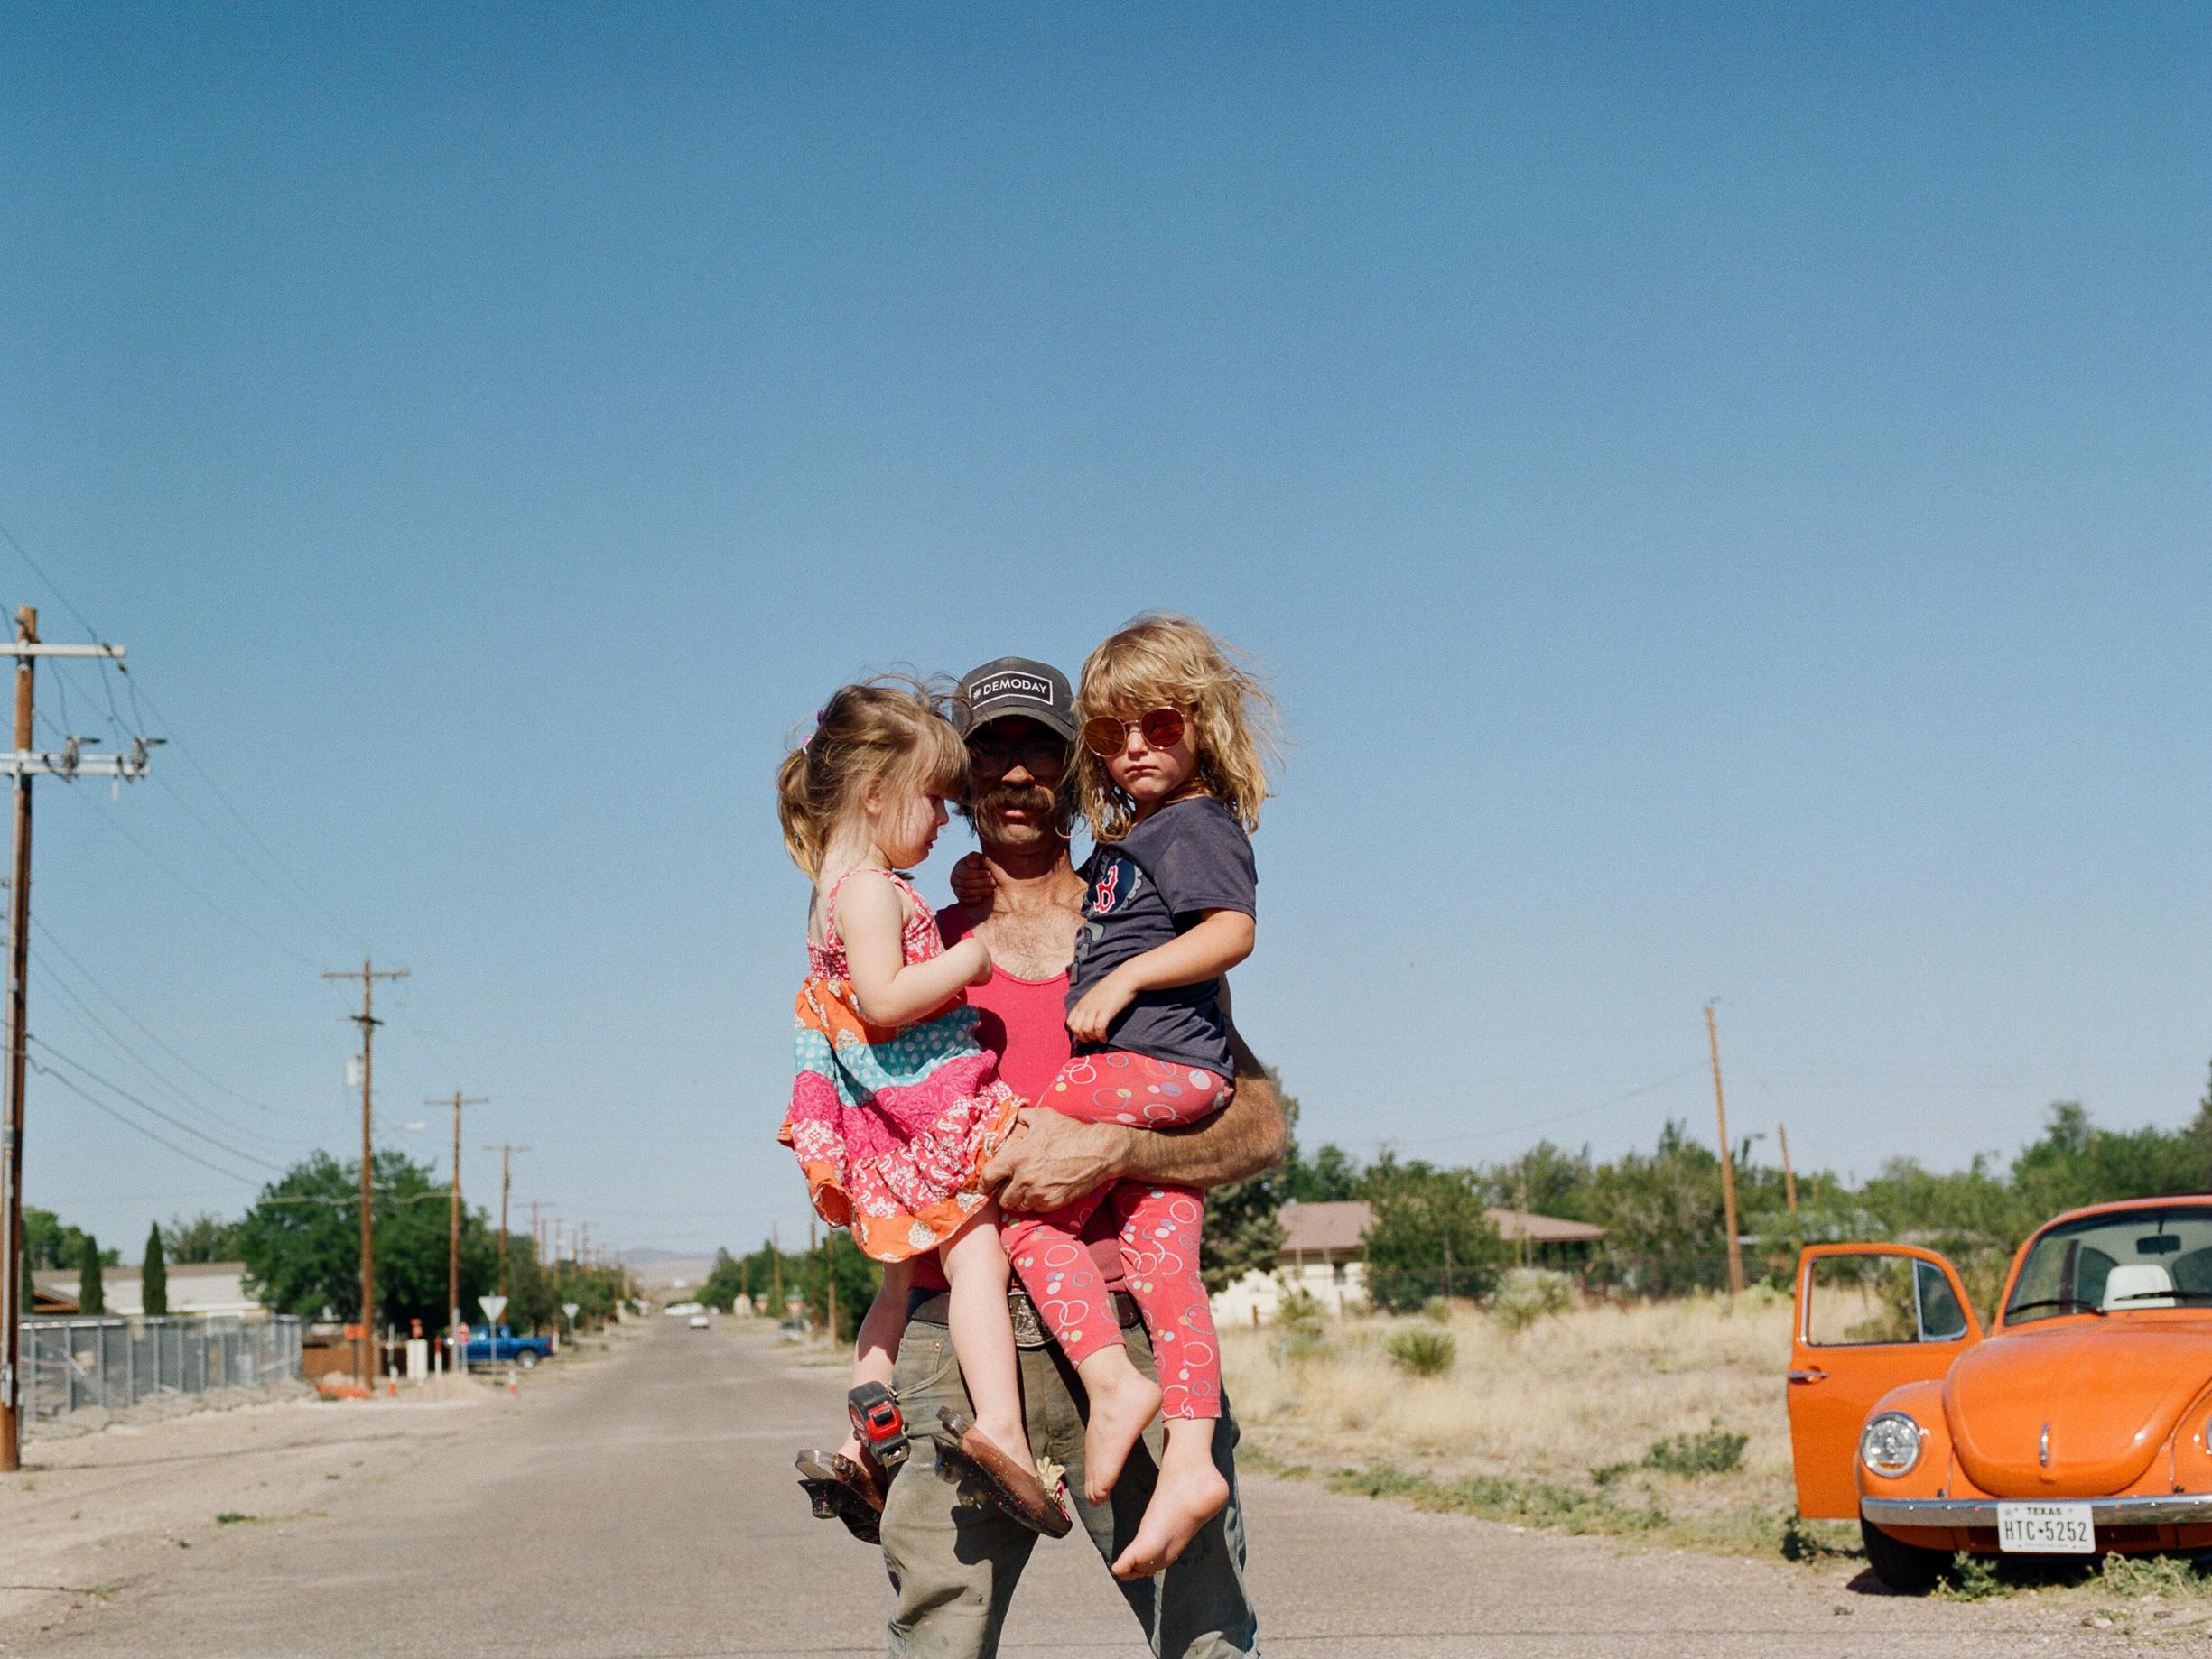 Cathlin McCullough Austin Lifestyle Photography -69.jpg